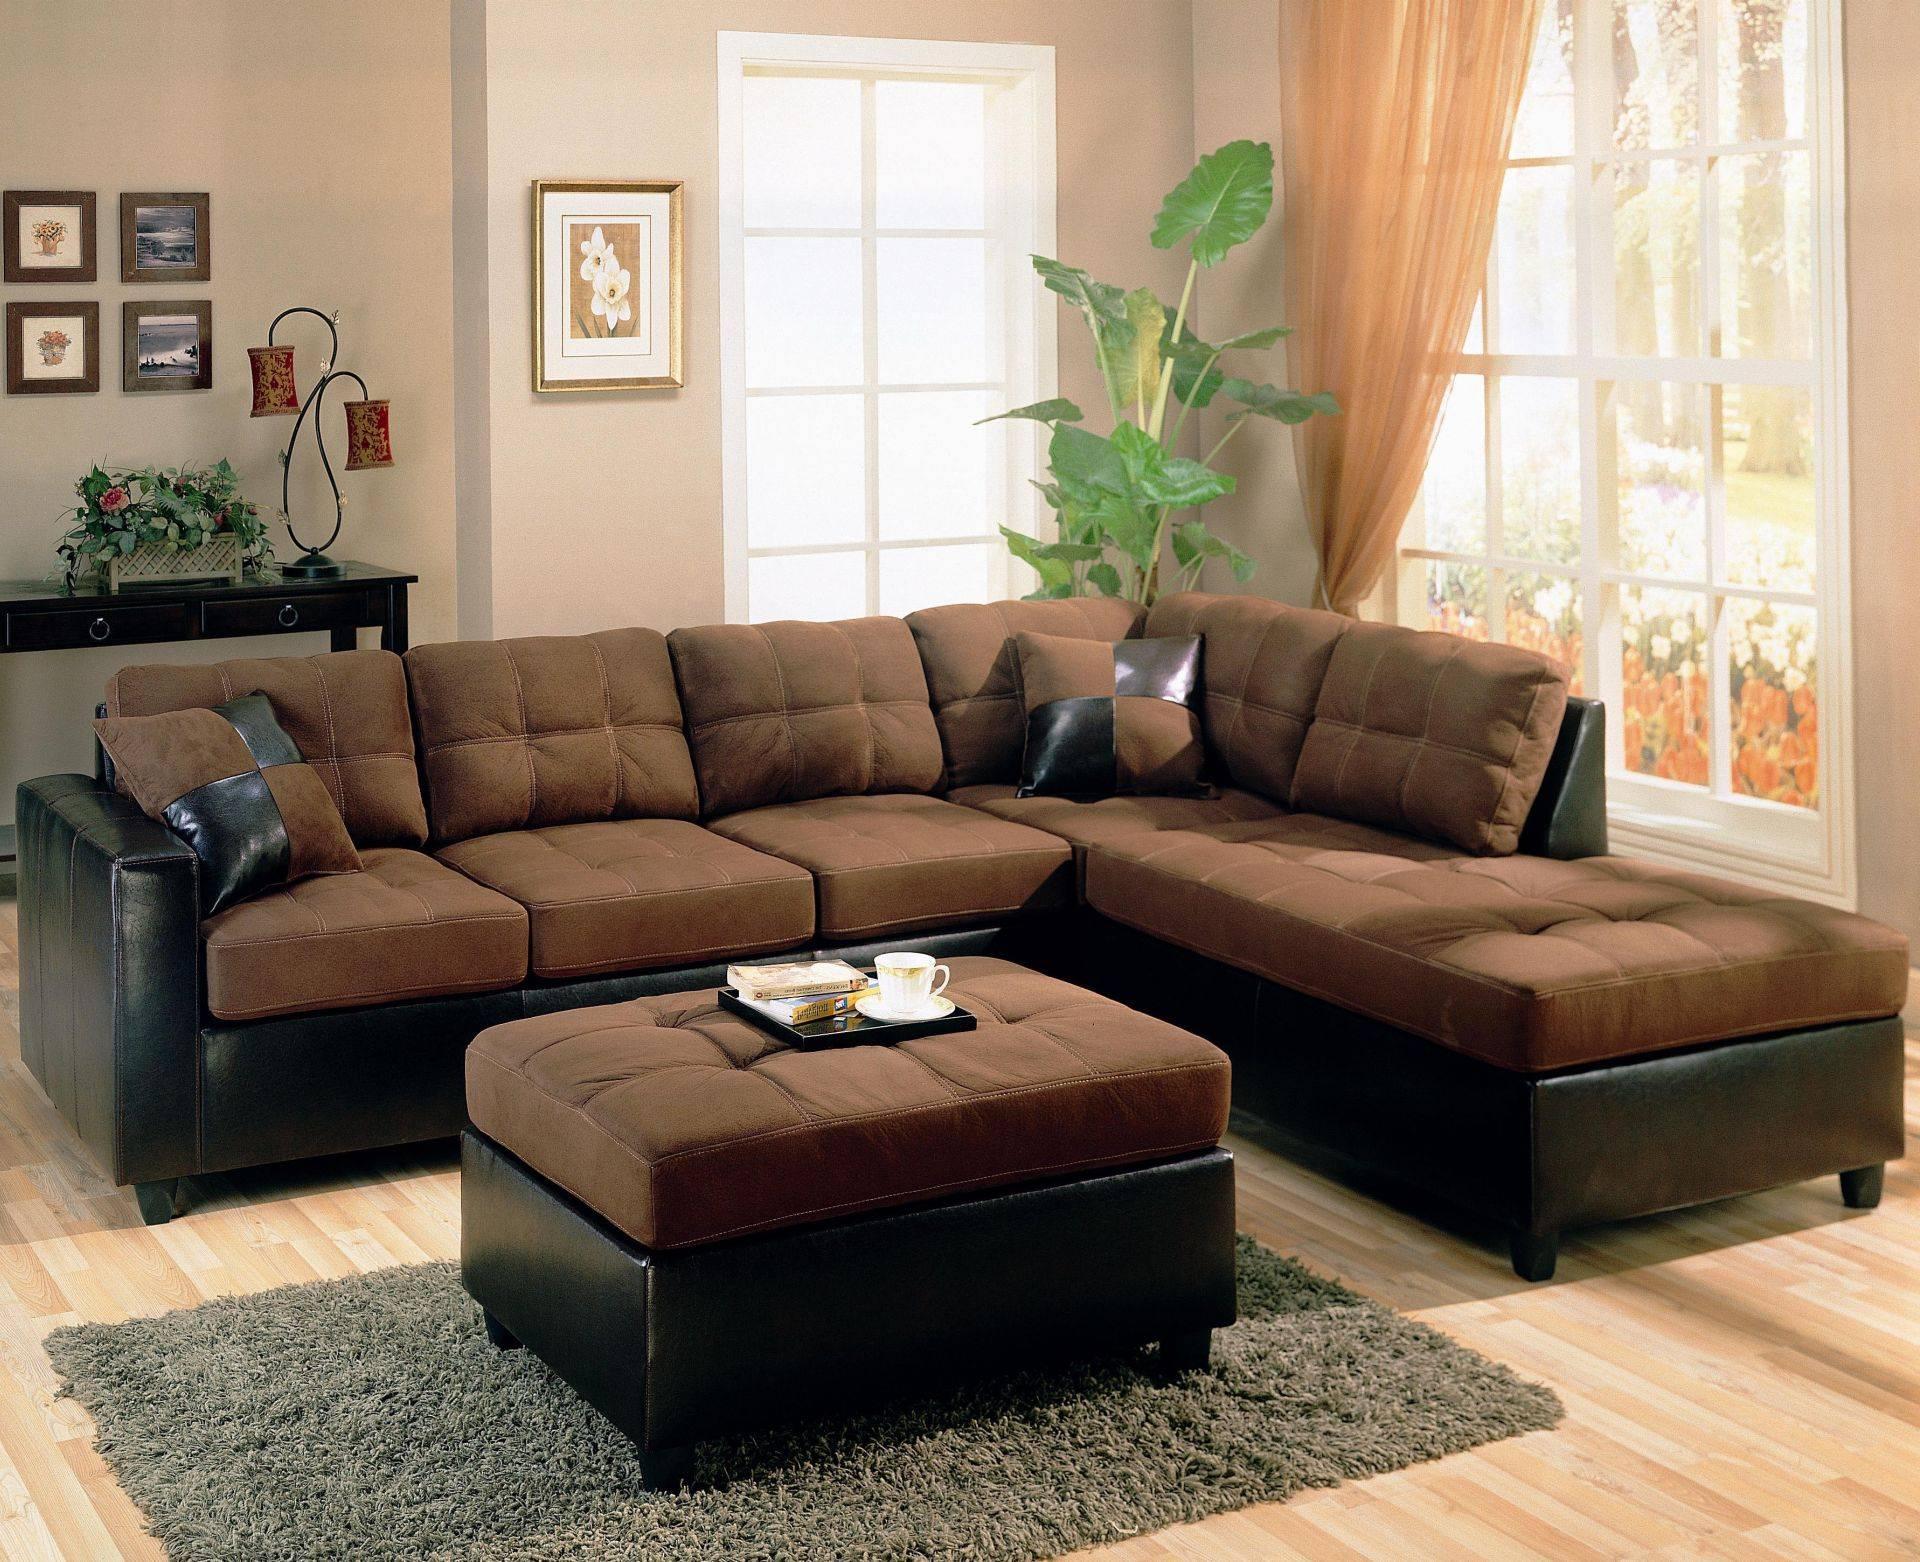 Спальня в коричневых тонах (61 фото): дизайн интерьера в молочно-шоколадных, коричнево-зеленых и темно-коричневых тонах